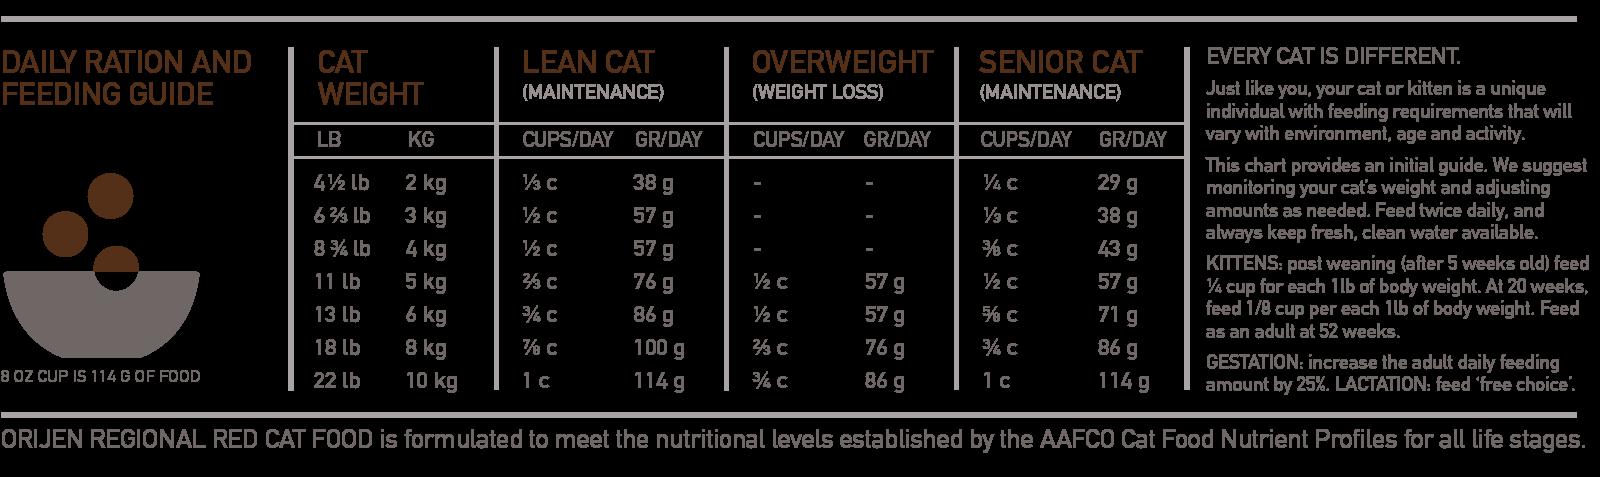 ORIJEN Regional Red Biologically Appropriate Cat Food Feeding Chart